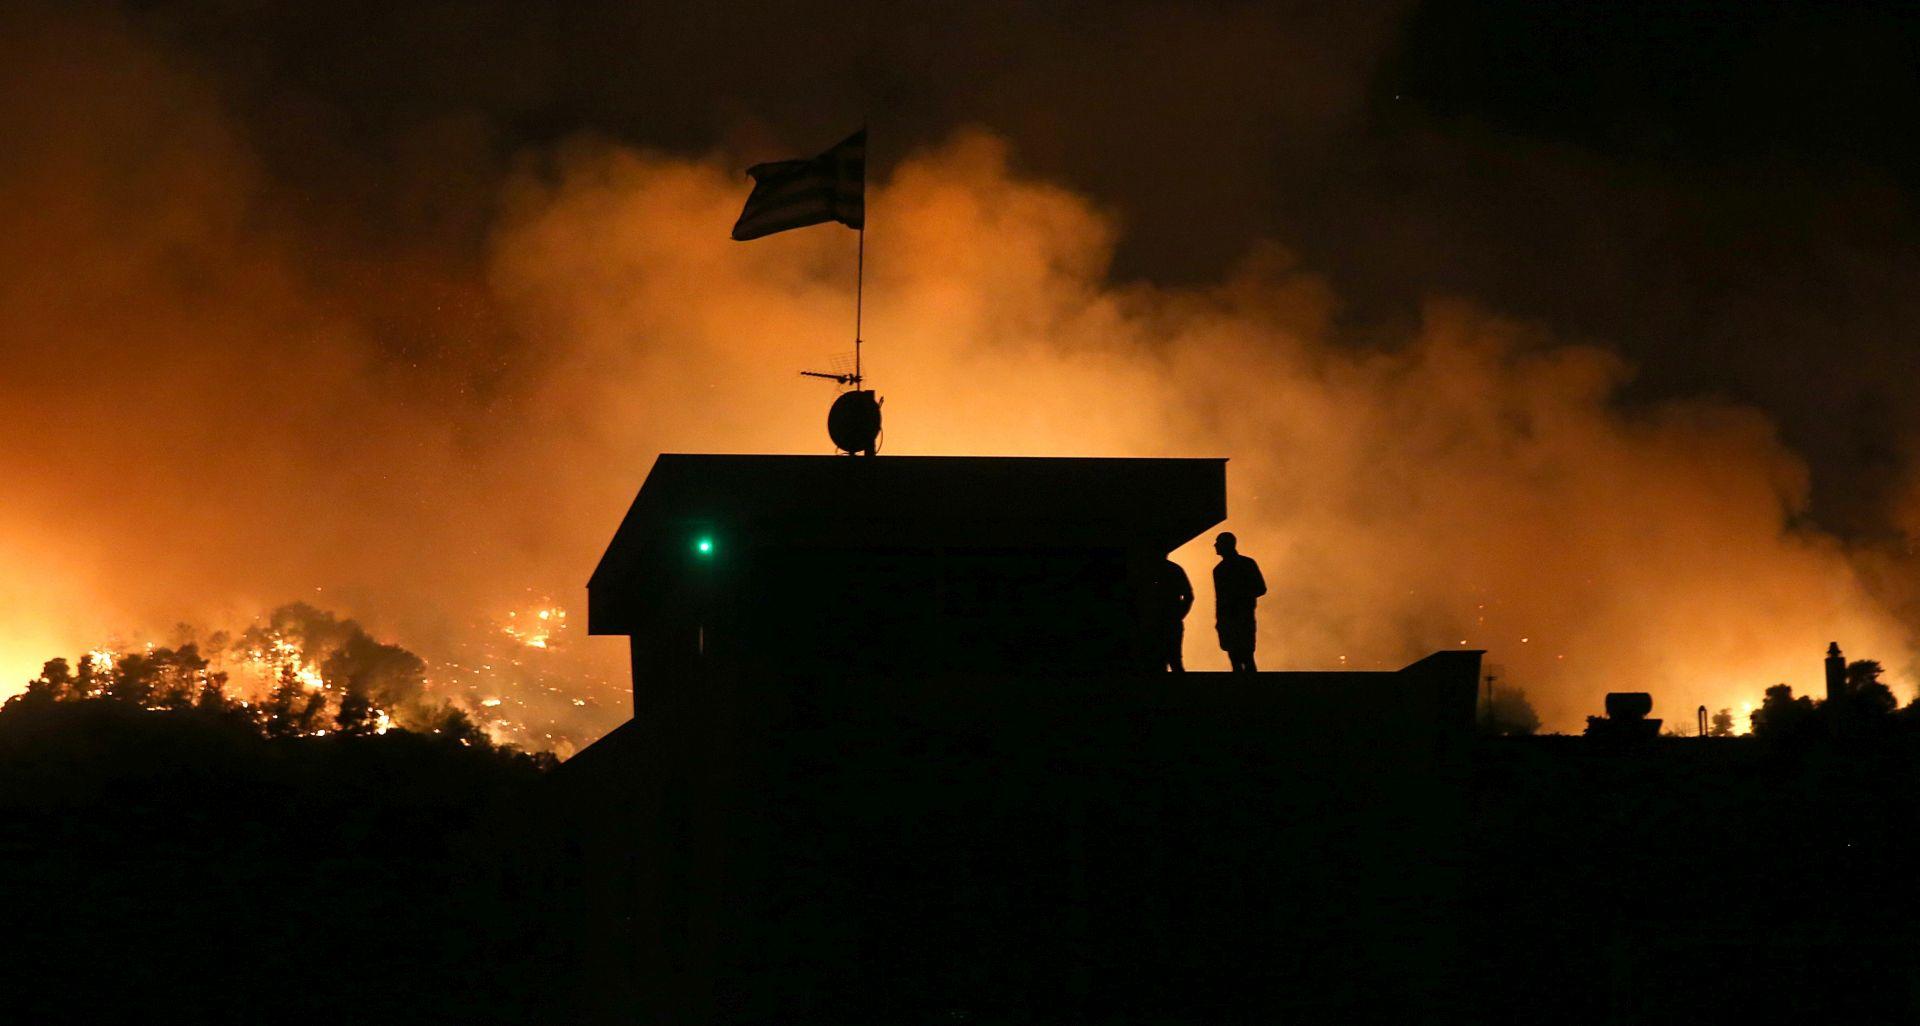 GRČKA Tisuće pozvane da napuste domove zbog požara 50 km od Atene